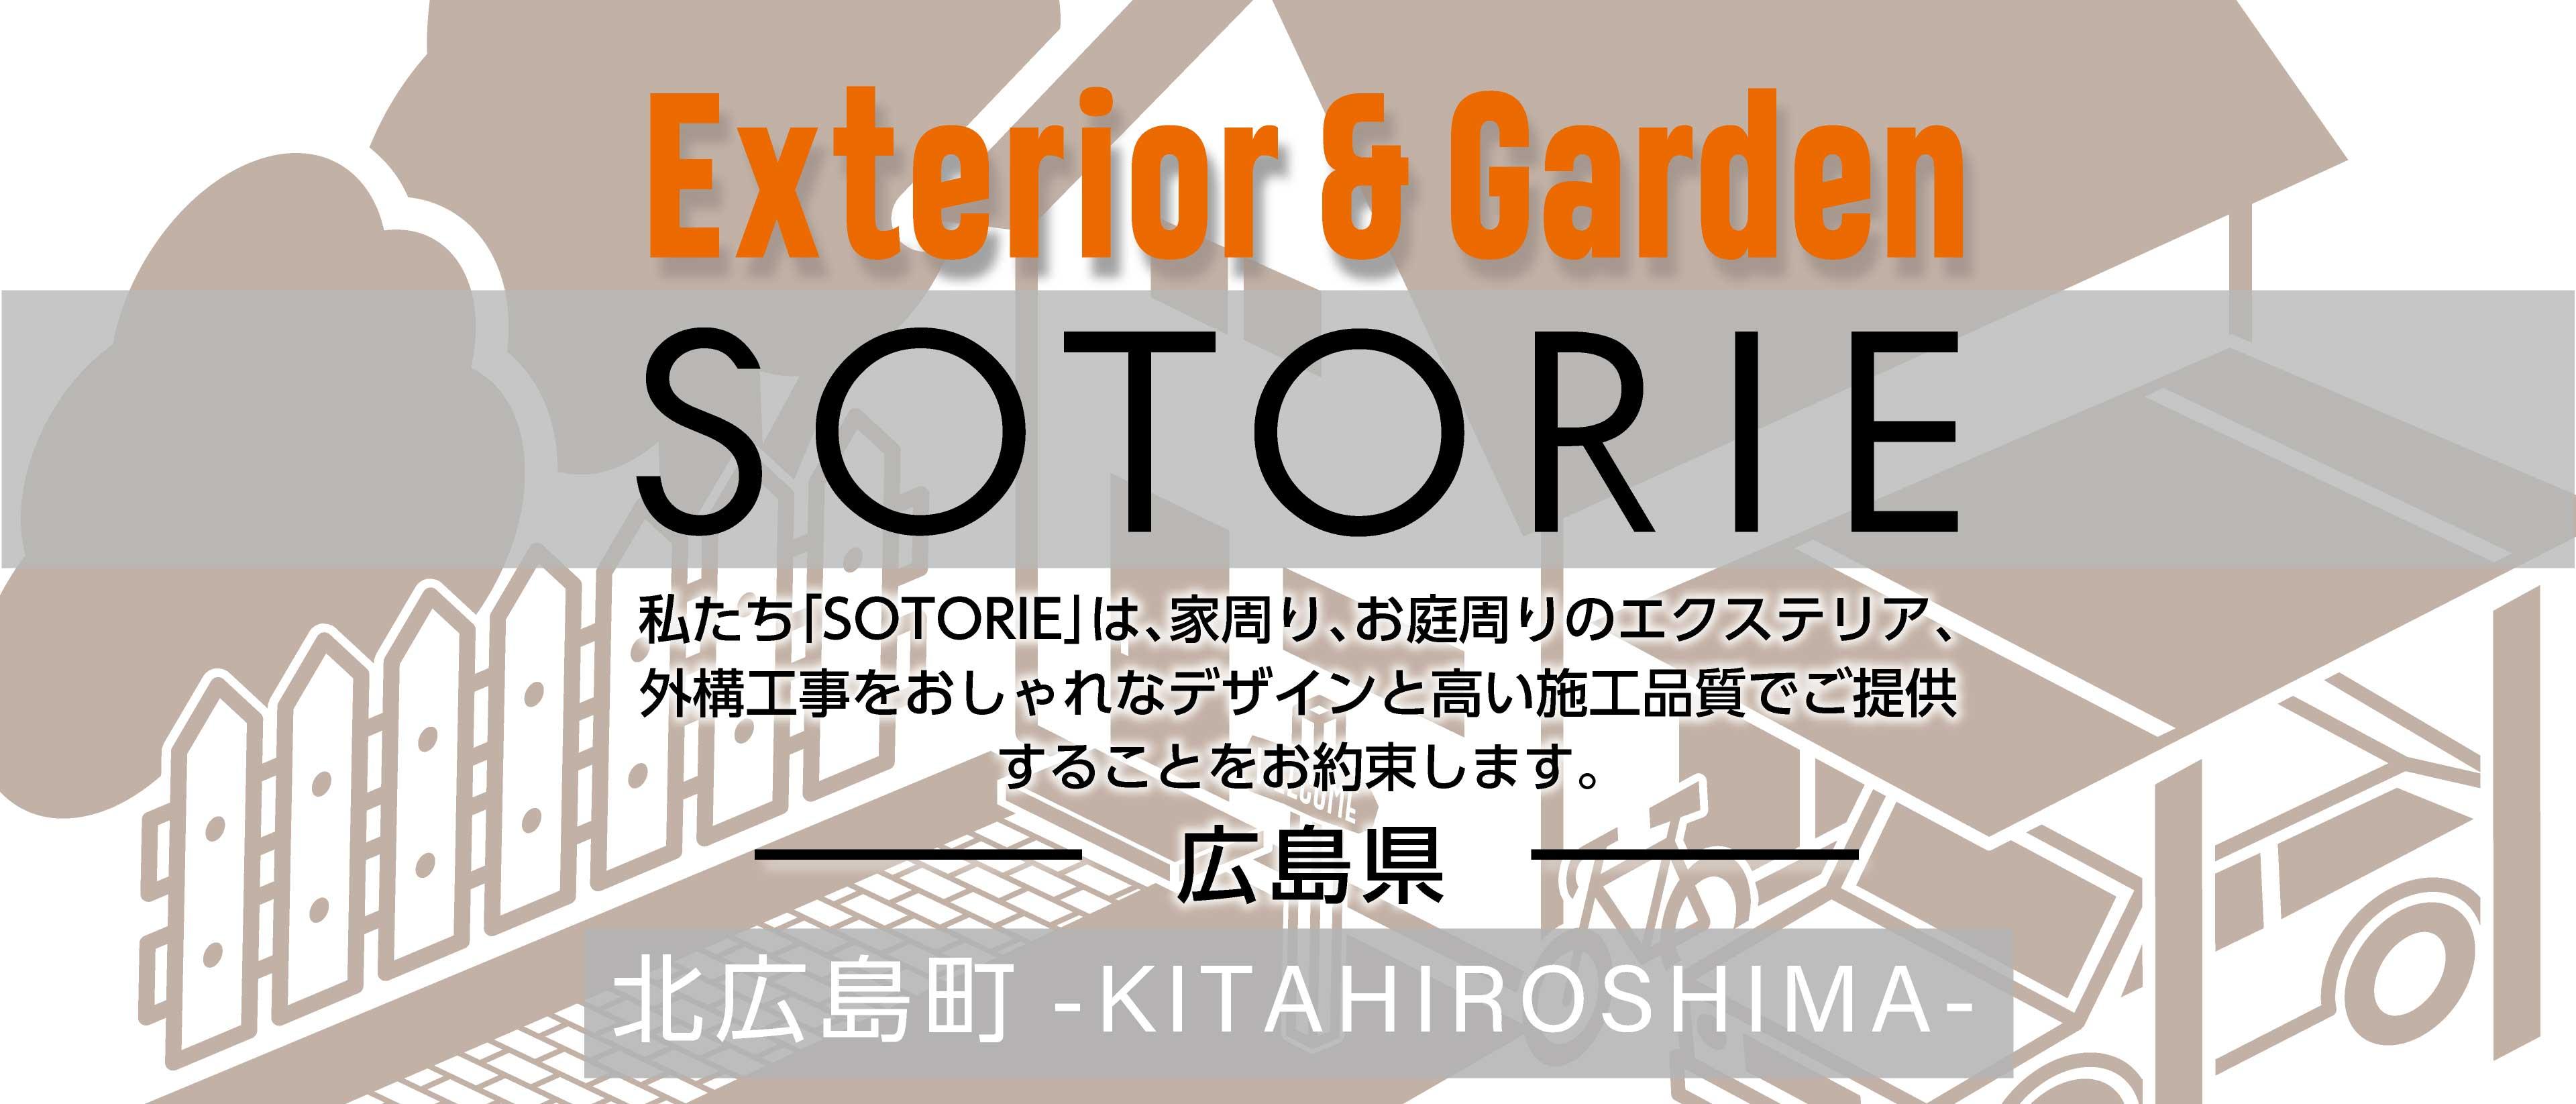 ソトリエ北広島町では、家周りと庭周りの外構、エクステリア工事をおしゃれなデザインと高い施工品質でご提供することをお約束します。